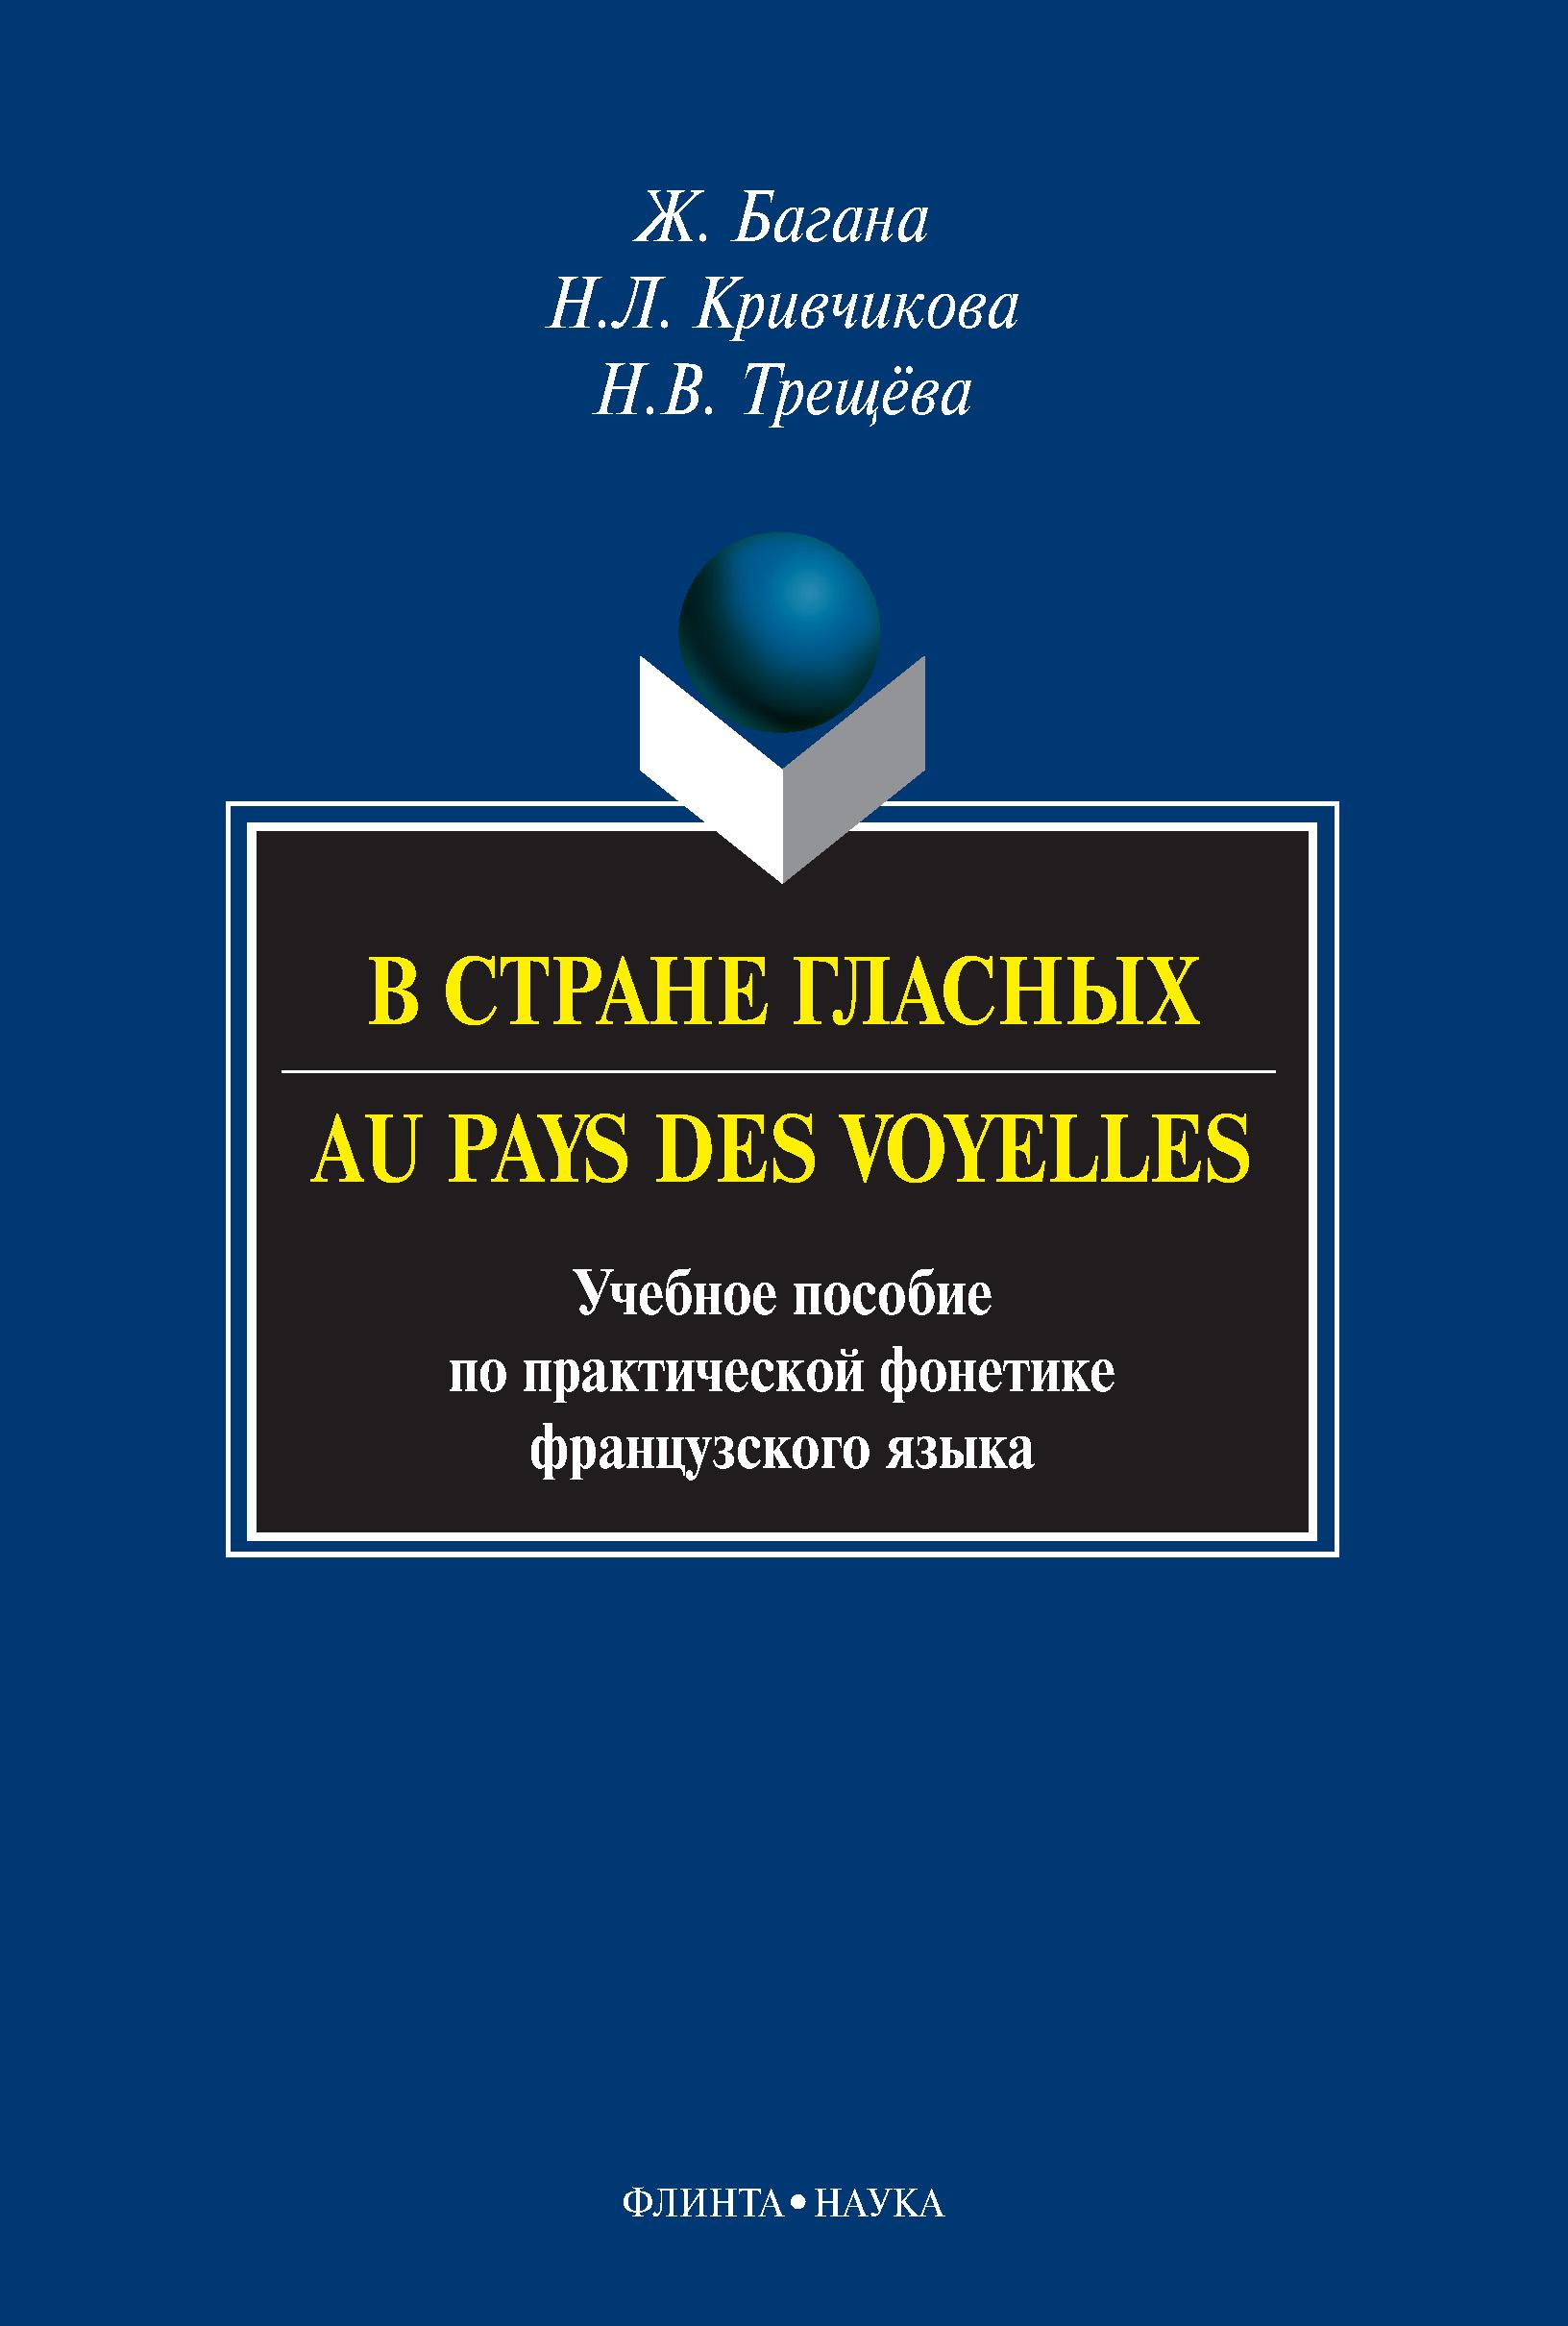 цена на Жером Багана В стране гласных / Au pays des voyelles. Учебное пособие по практической фонетике французского языка